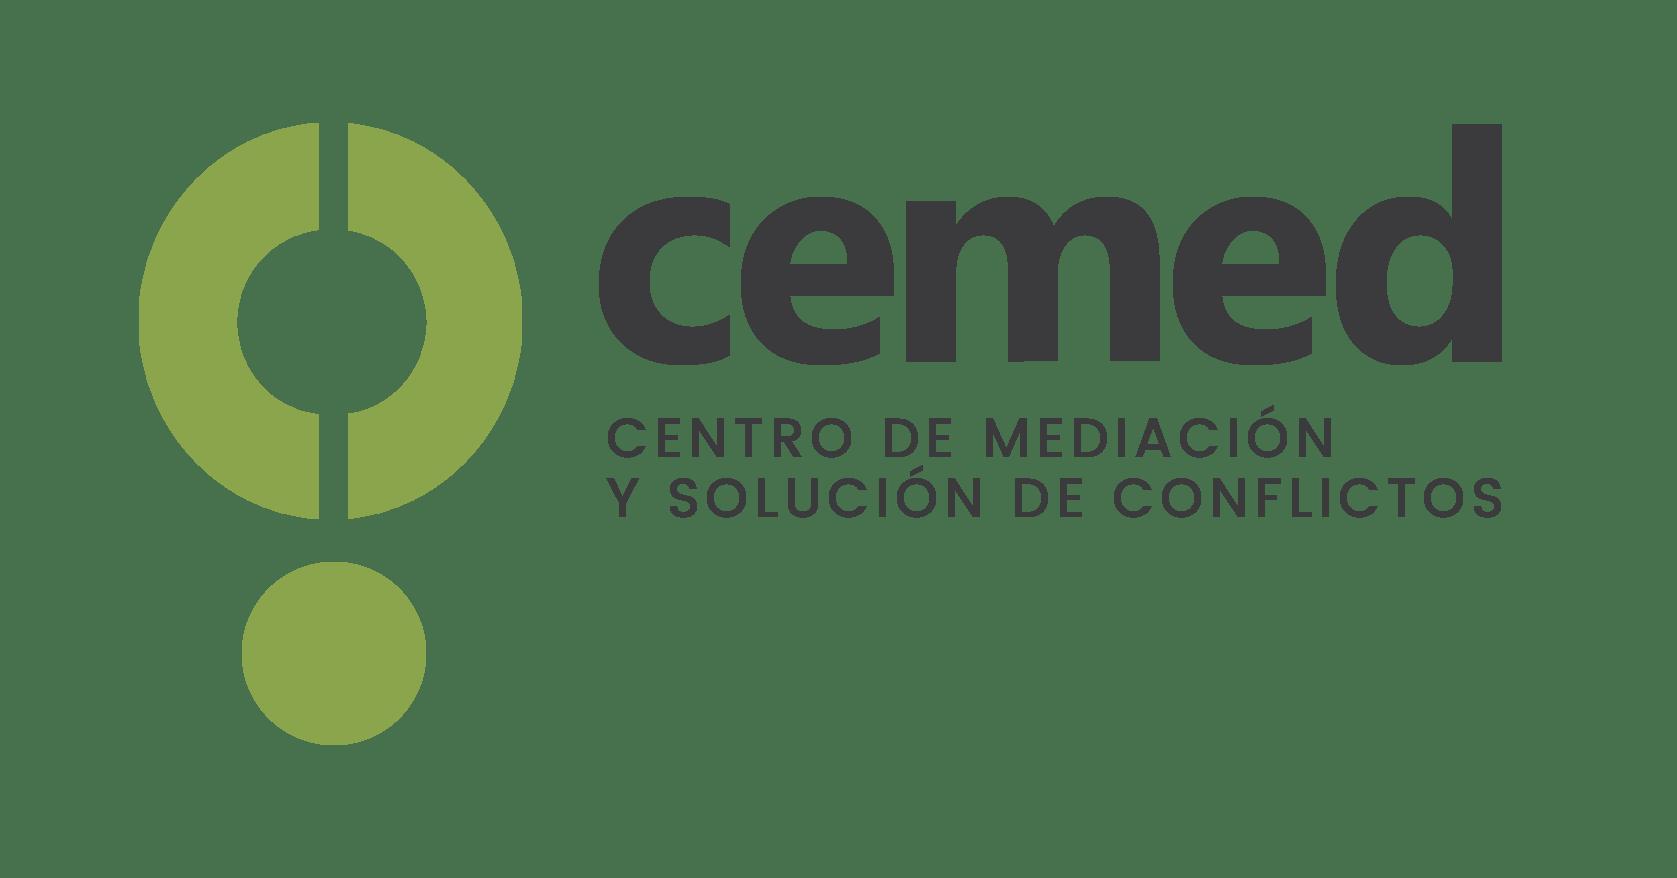 CEMED – Centro de Mediación y Solución de Conflictos